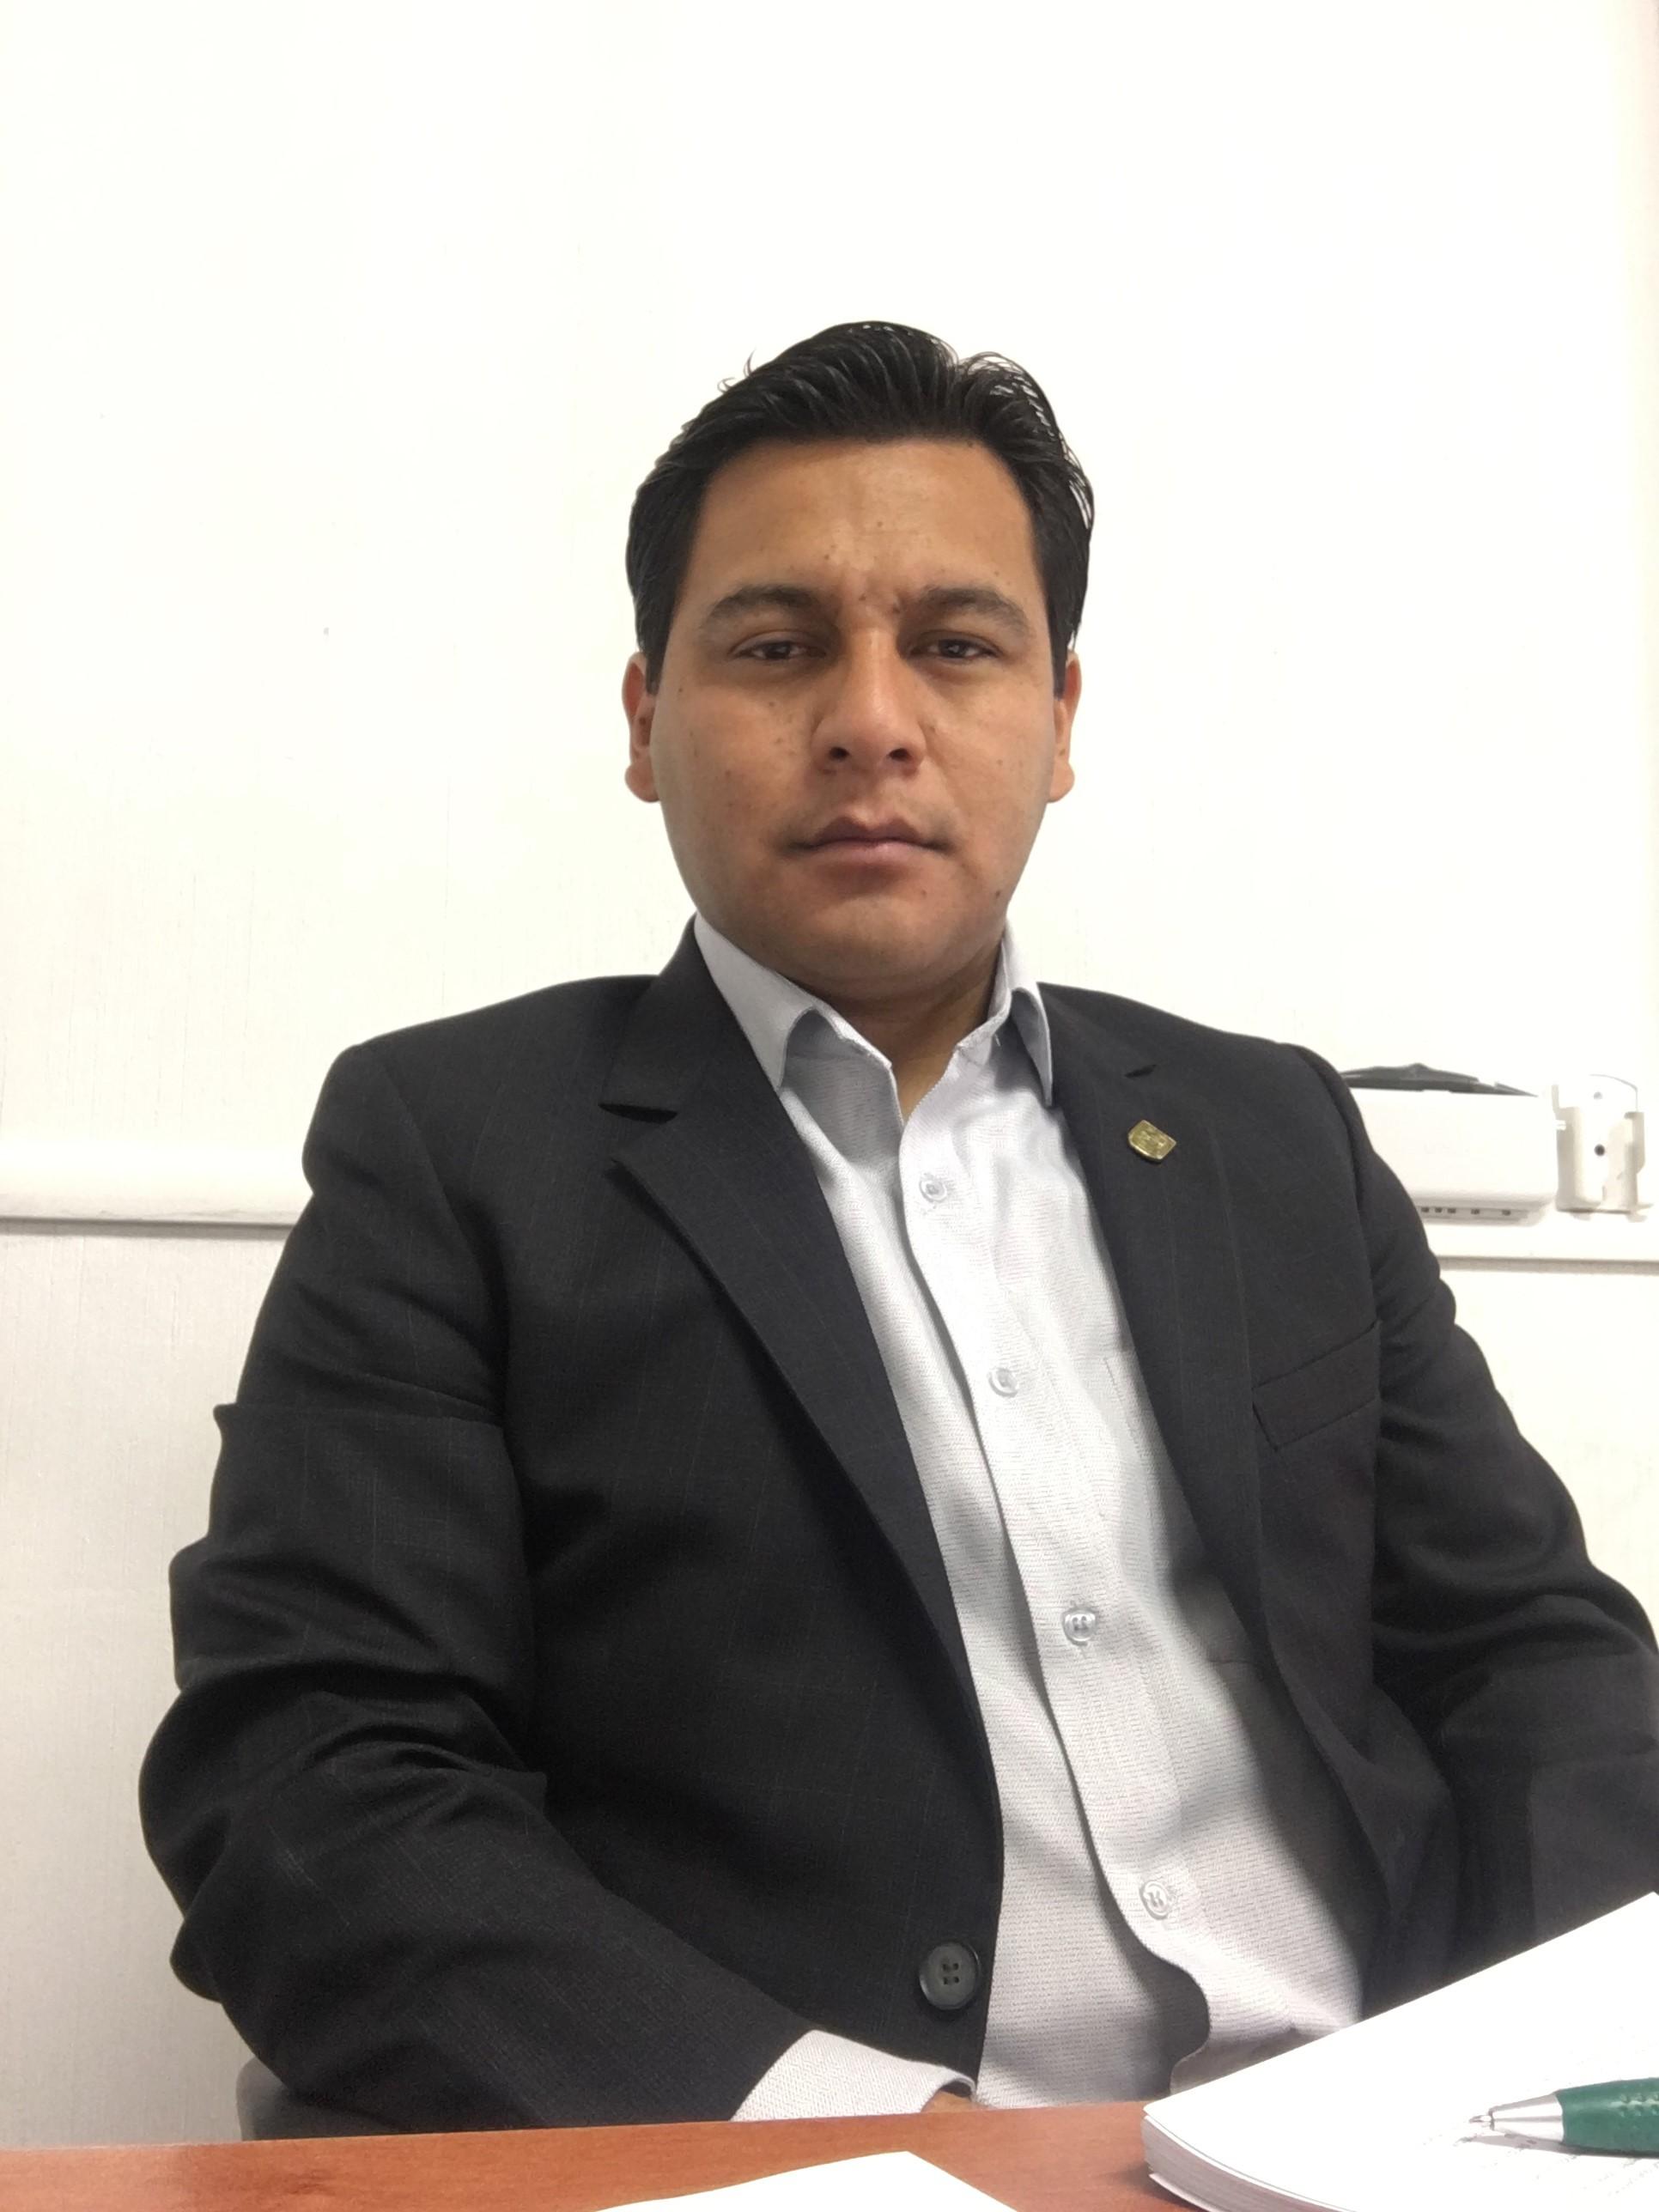 Lic. Danilo Alvarado